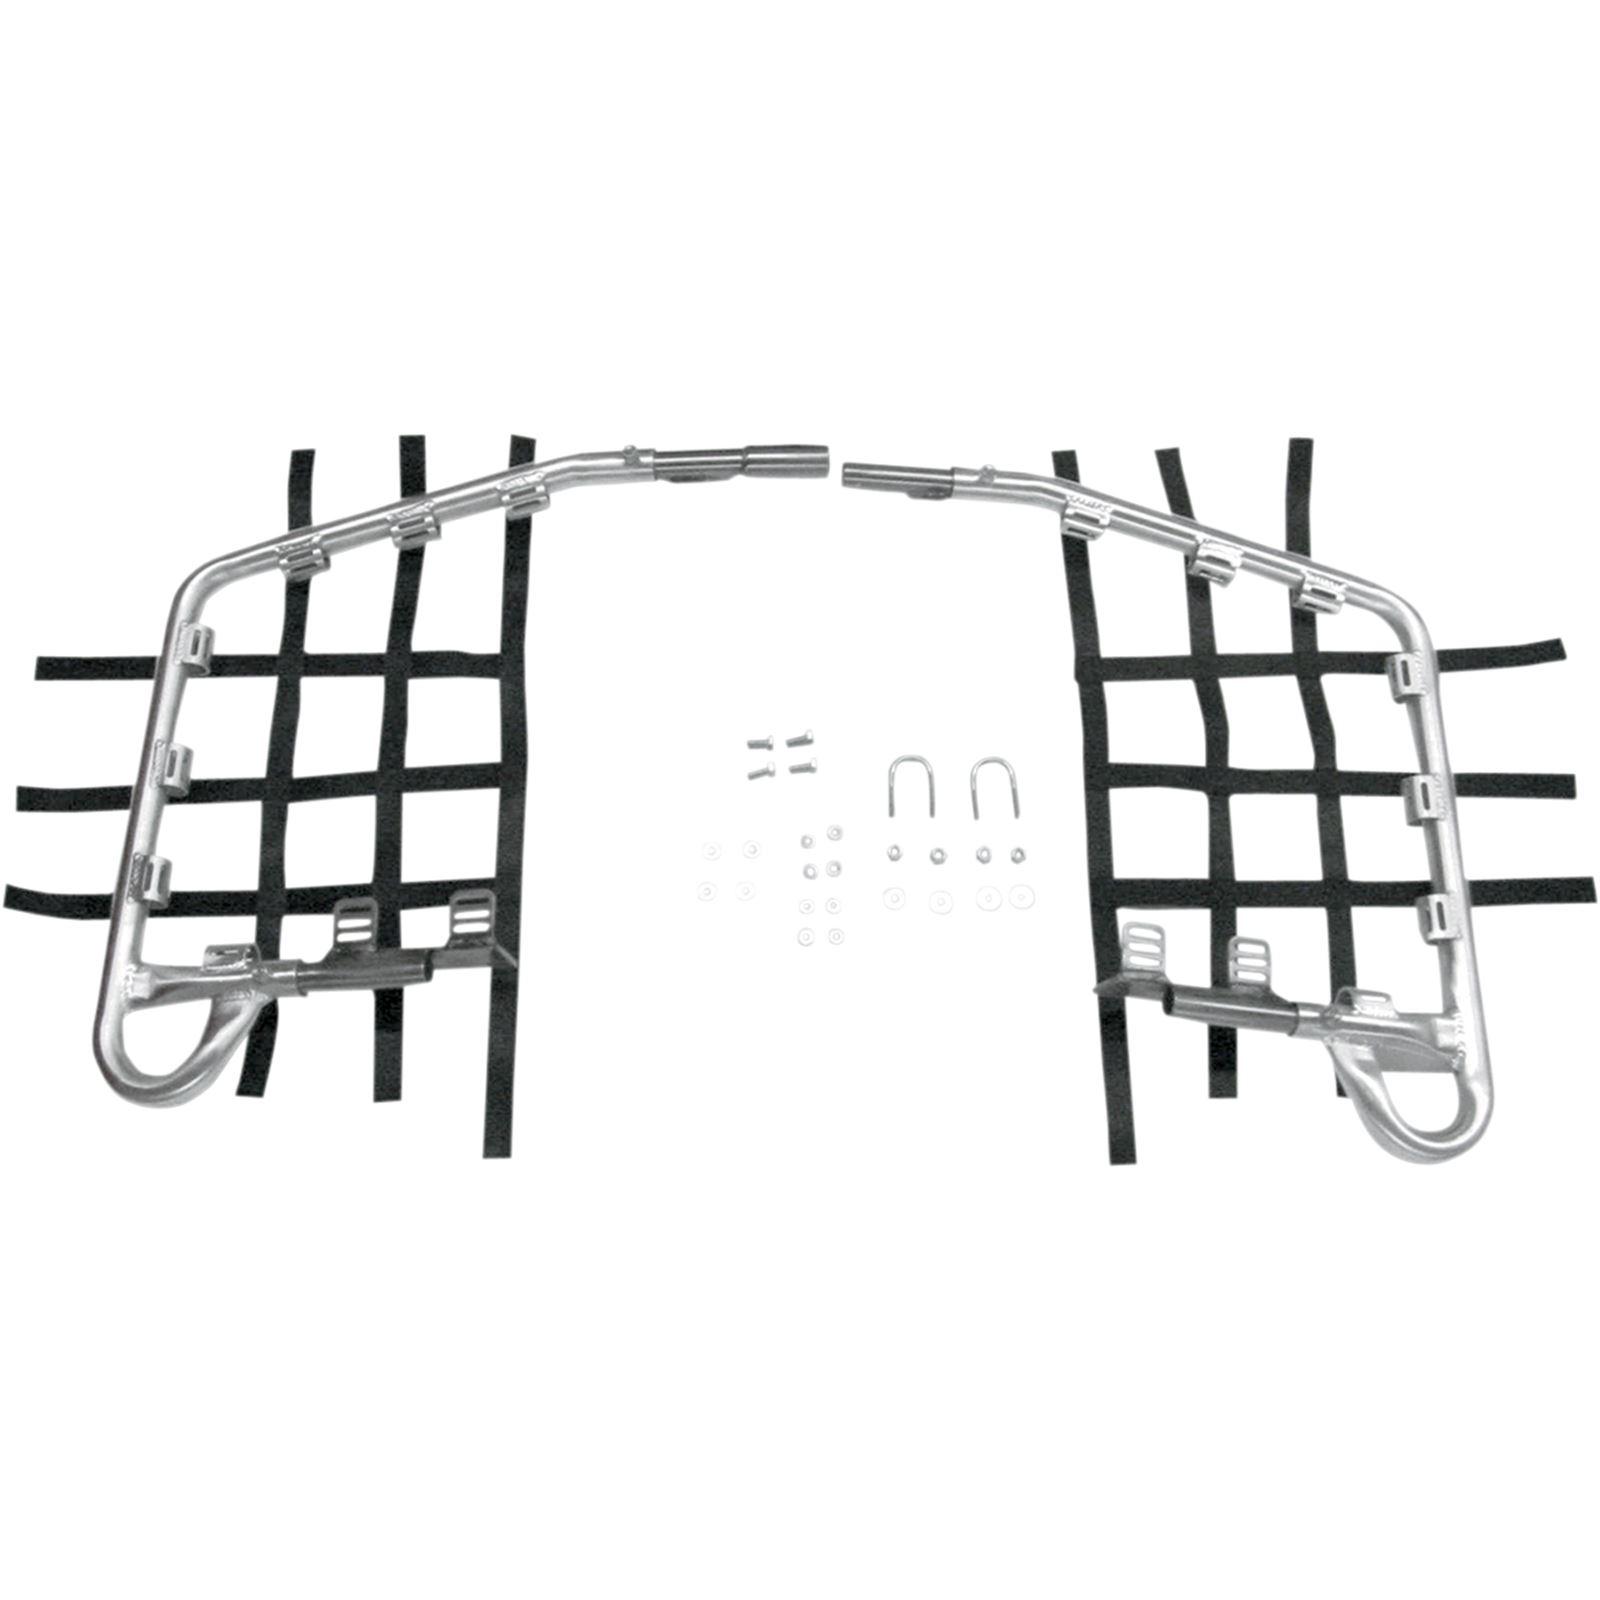 DG Nerf Bars - YFZ 450 - Natural/Black